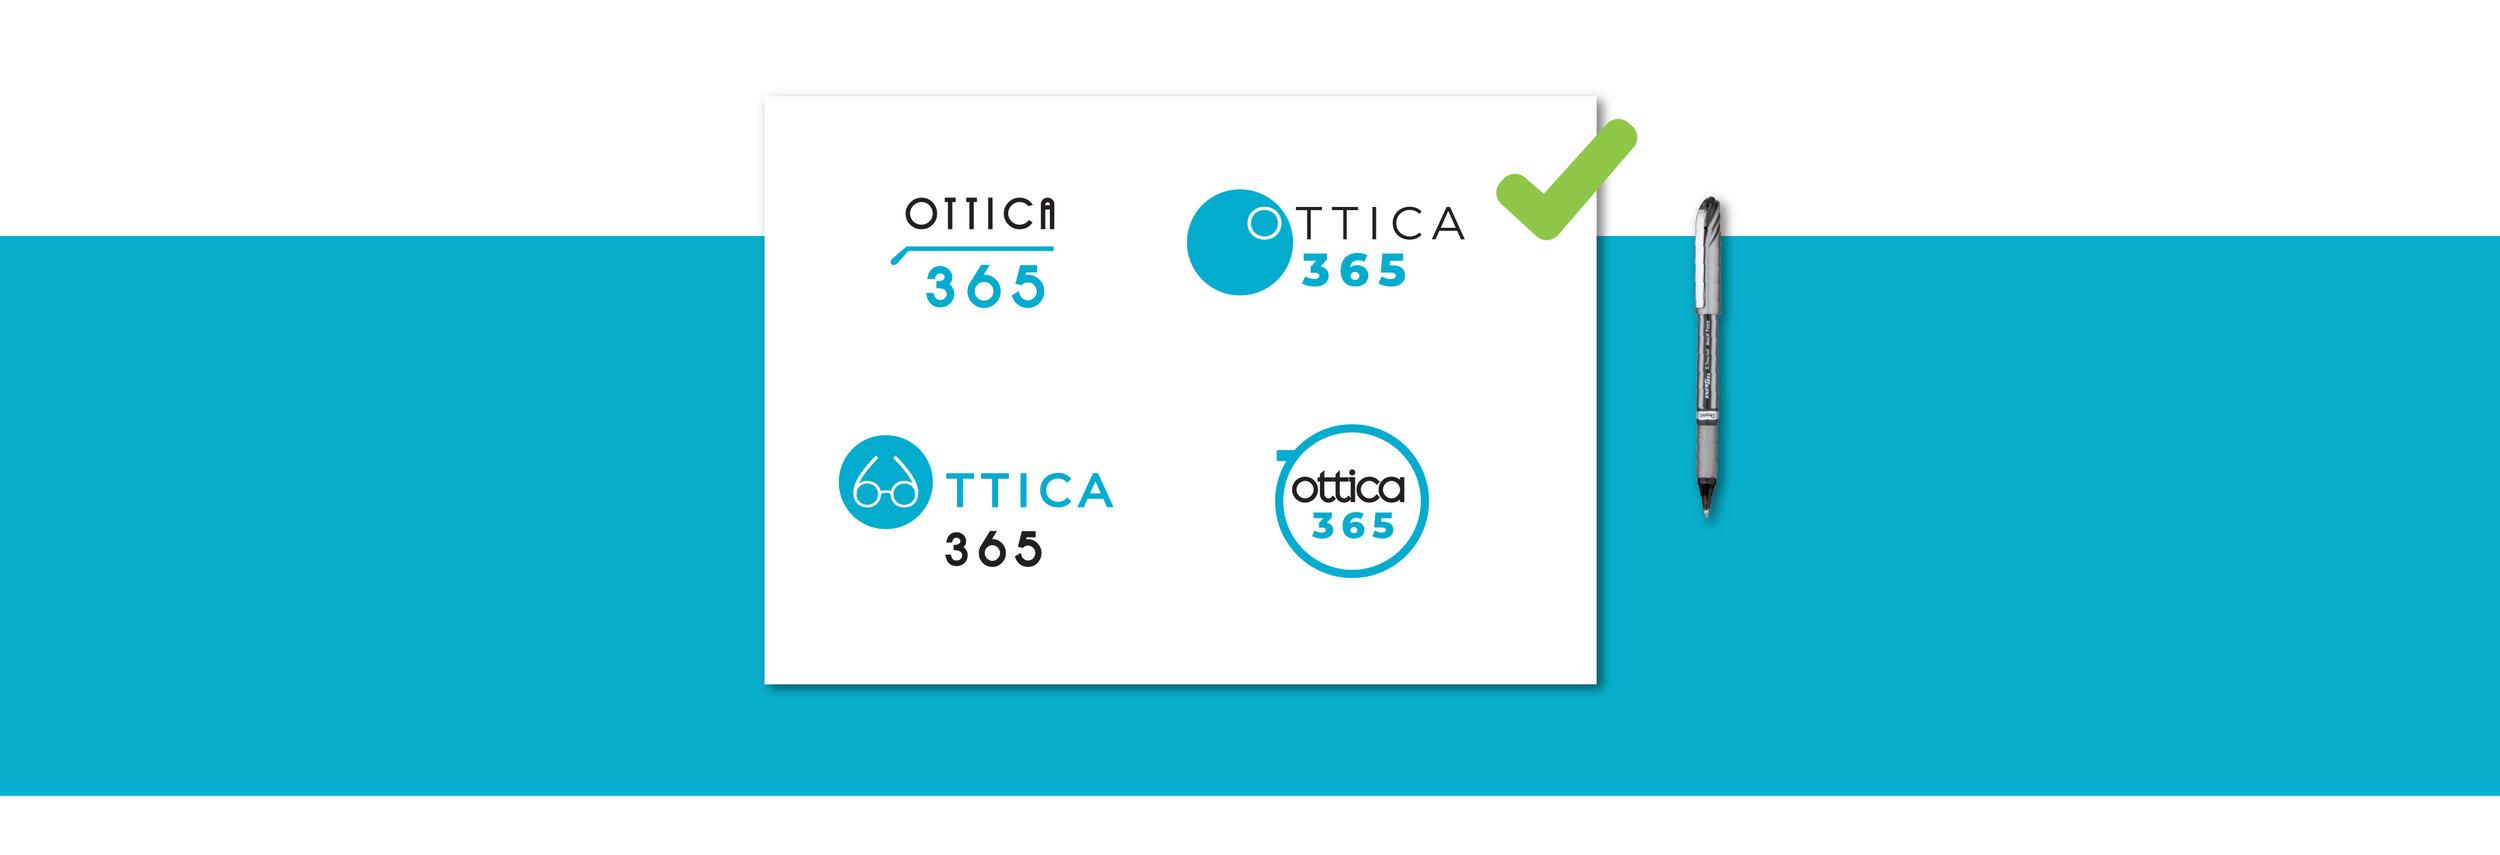 ideazione grafica biglietti visita stampa smart creative lab prezzi bra cuneo torino.jpg